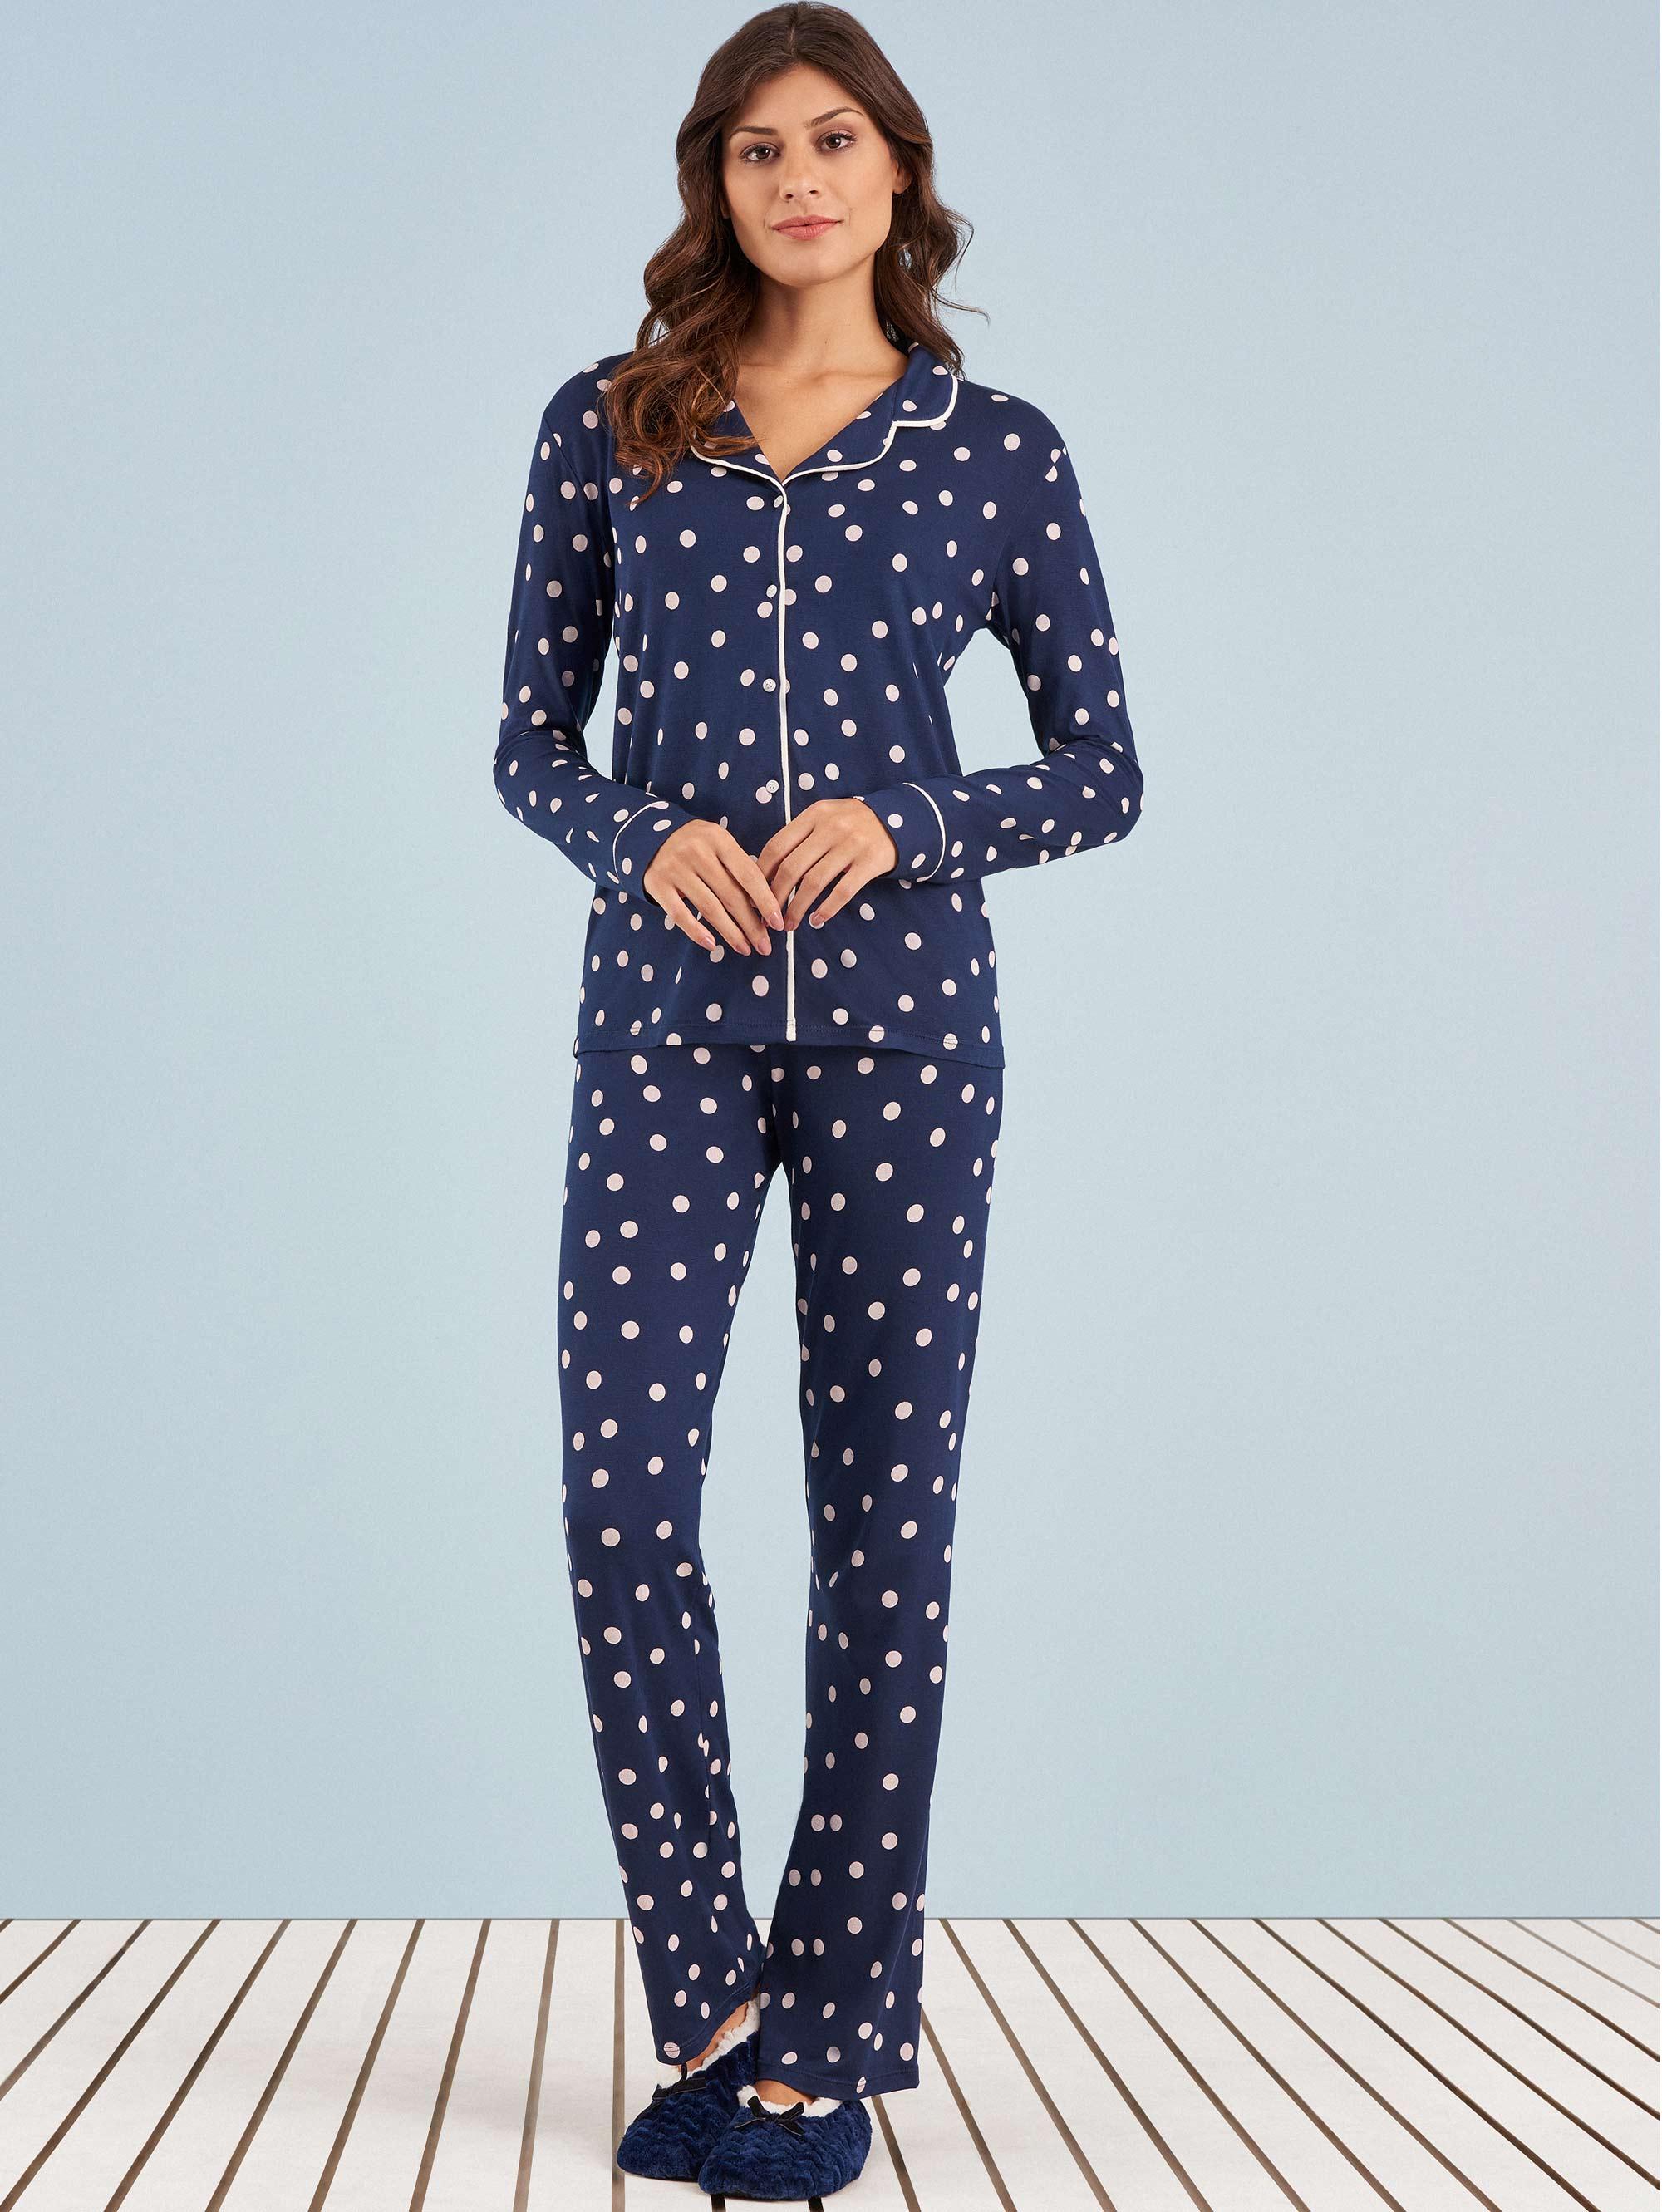 Pijama-Longo-Manga-Longa-Naty-Poa-Any-Any